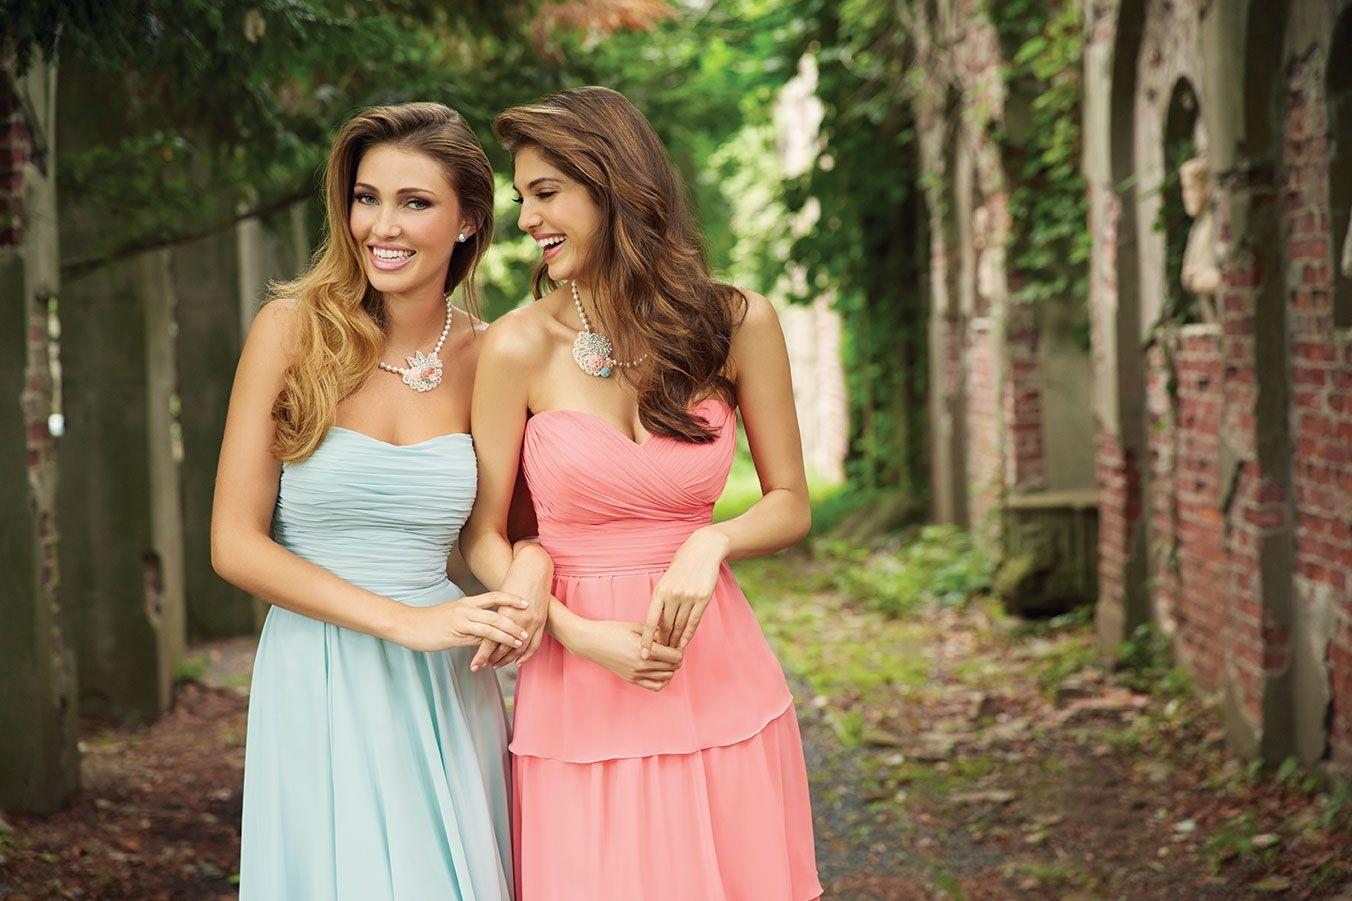 Wedding dresses for bridesmaids  Allure Bridals Style   ALLURE B R I D E S M A I D S